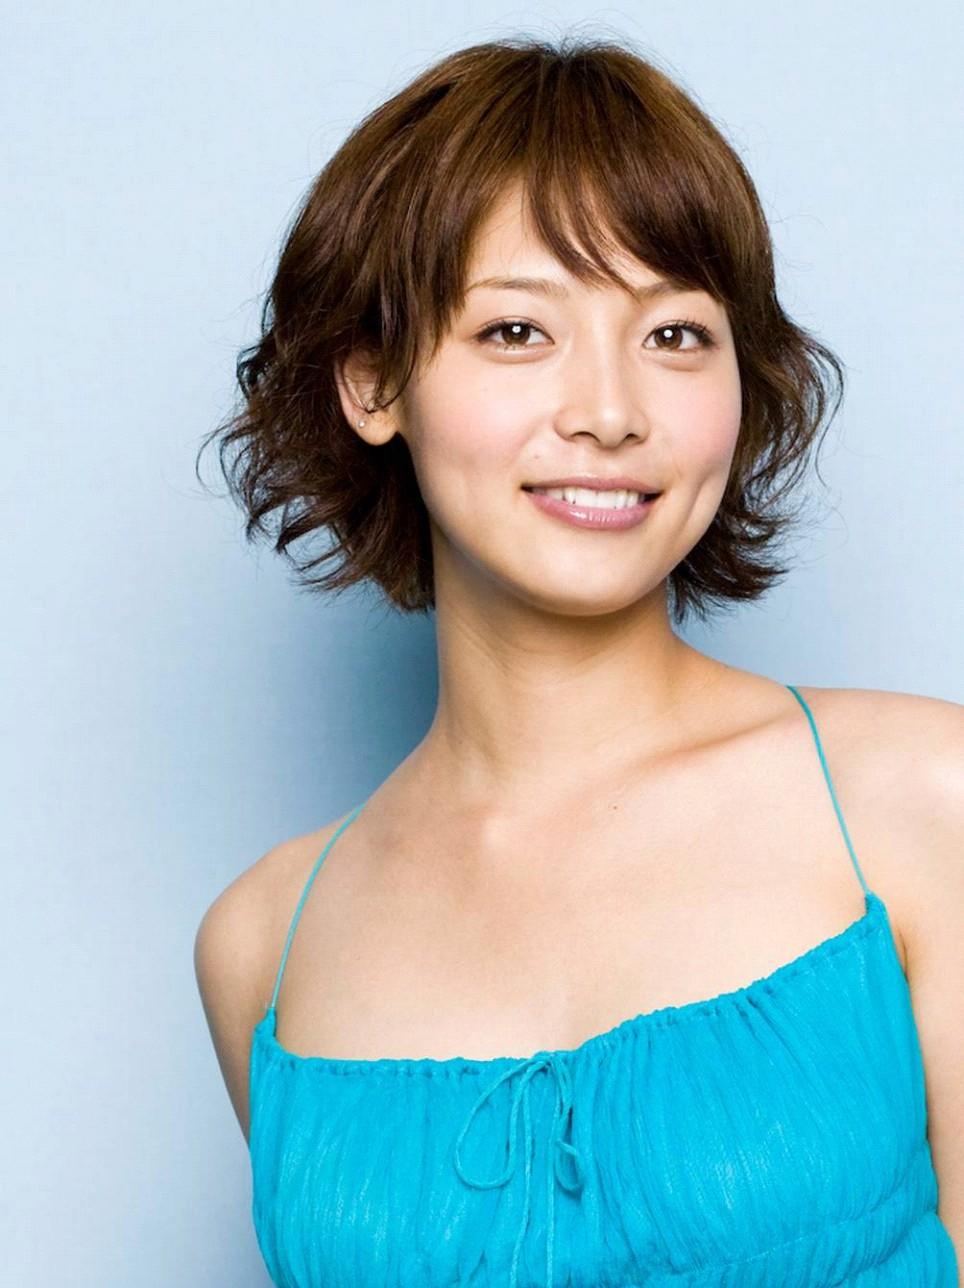 ブルーのキャミソールが爽やかな相武紗季さん。意外に「人見知り」なんだそうで、初対面の人と話をするのが苦手なんだそうです。